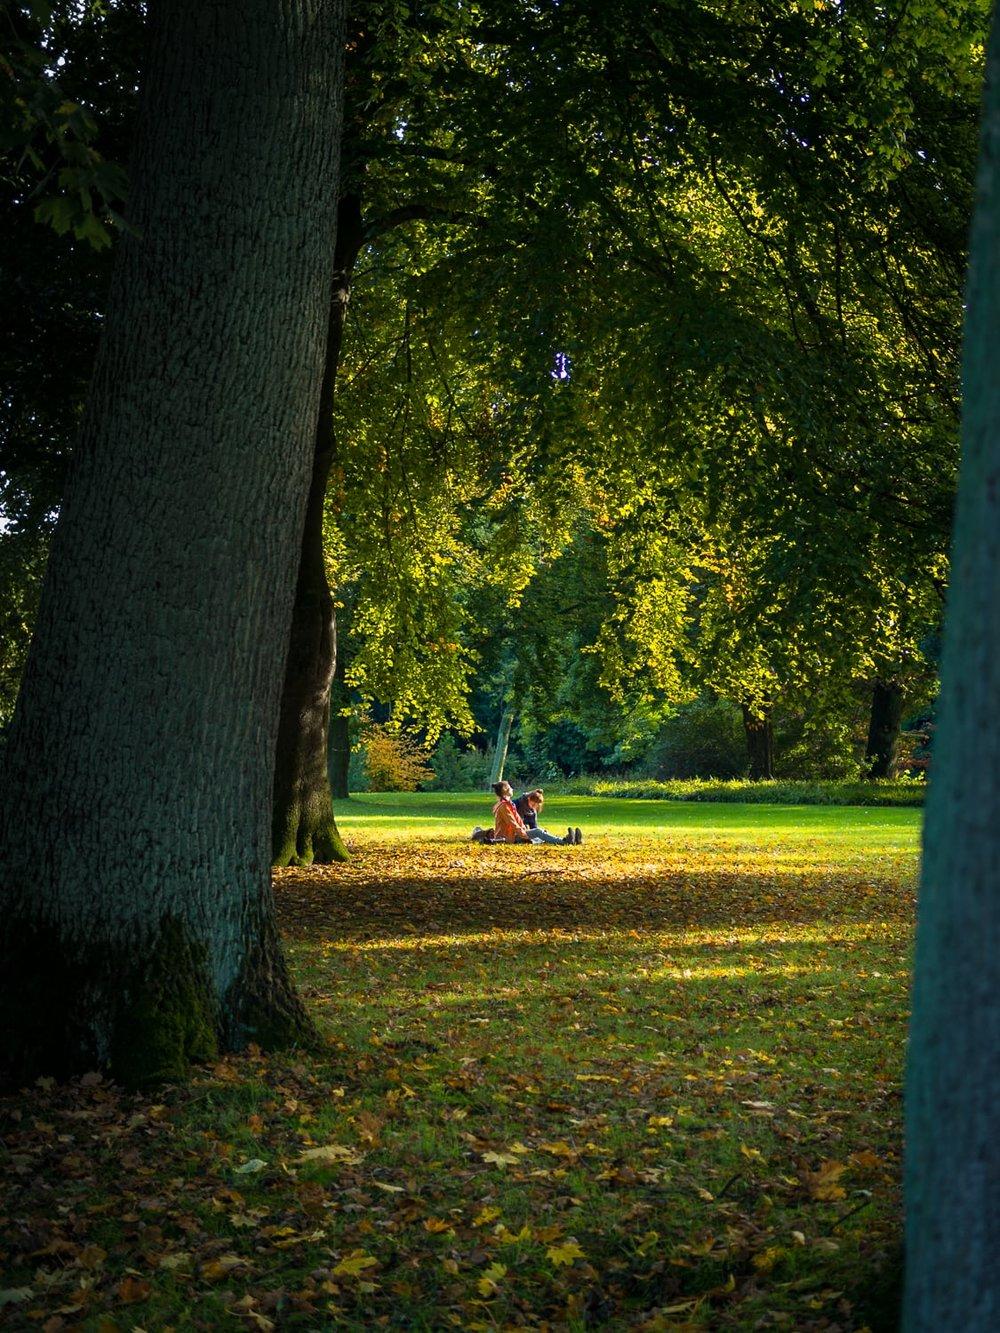 Herbstgold, Herbst, Blätter, Indian Summer, Bäume, Trees, Leaves, Autumn